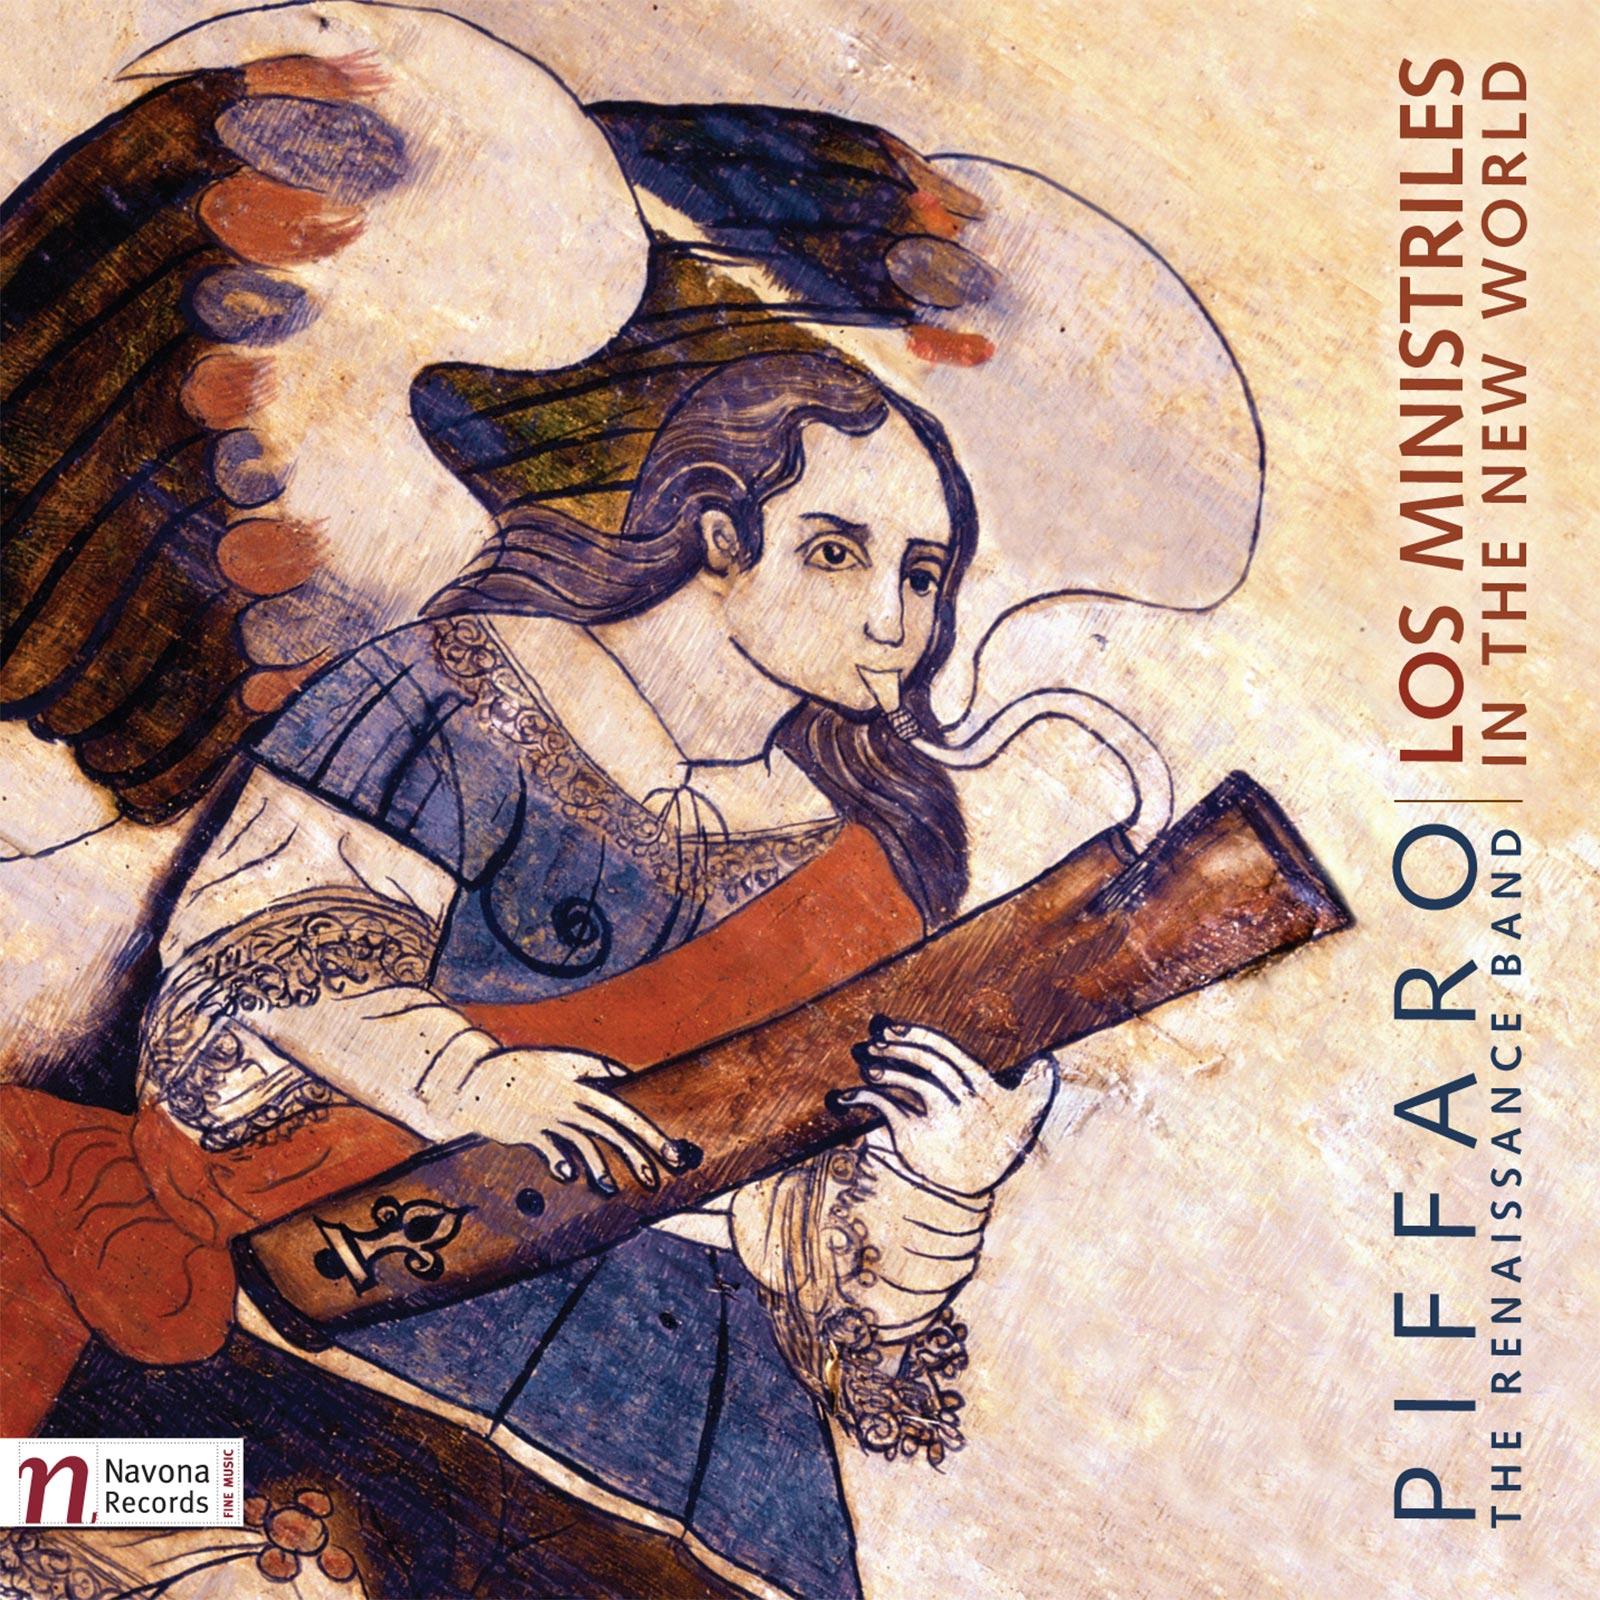 LOS MINISTRILES - Album Cover